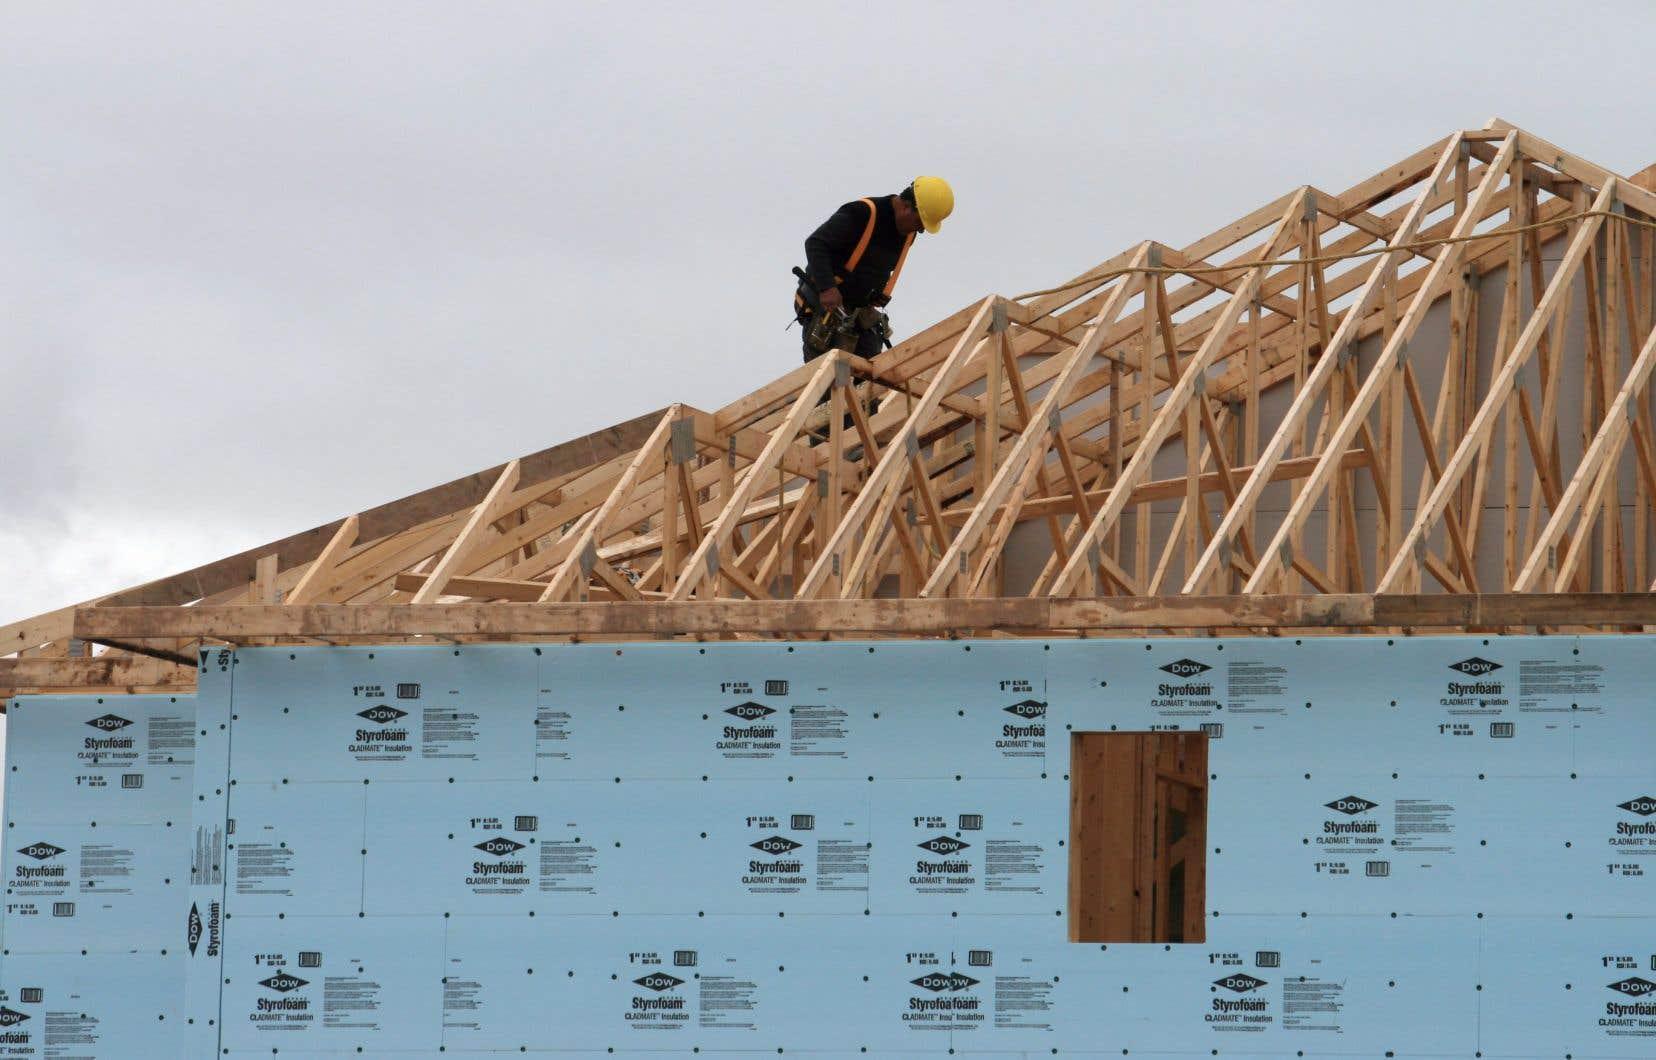 Comparé à d'autres secteurs, le marché immobilier est toutefois bien positionné pour la reprise après la crise, selon Royal Lepage.